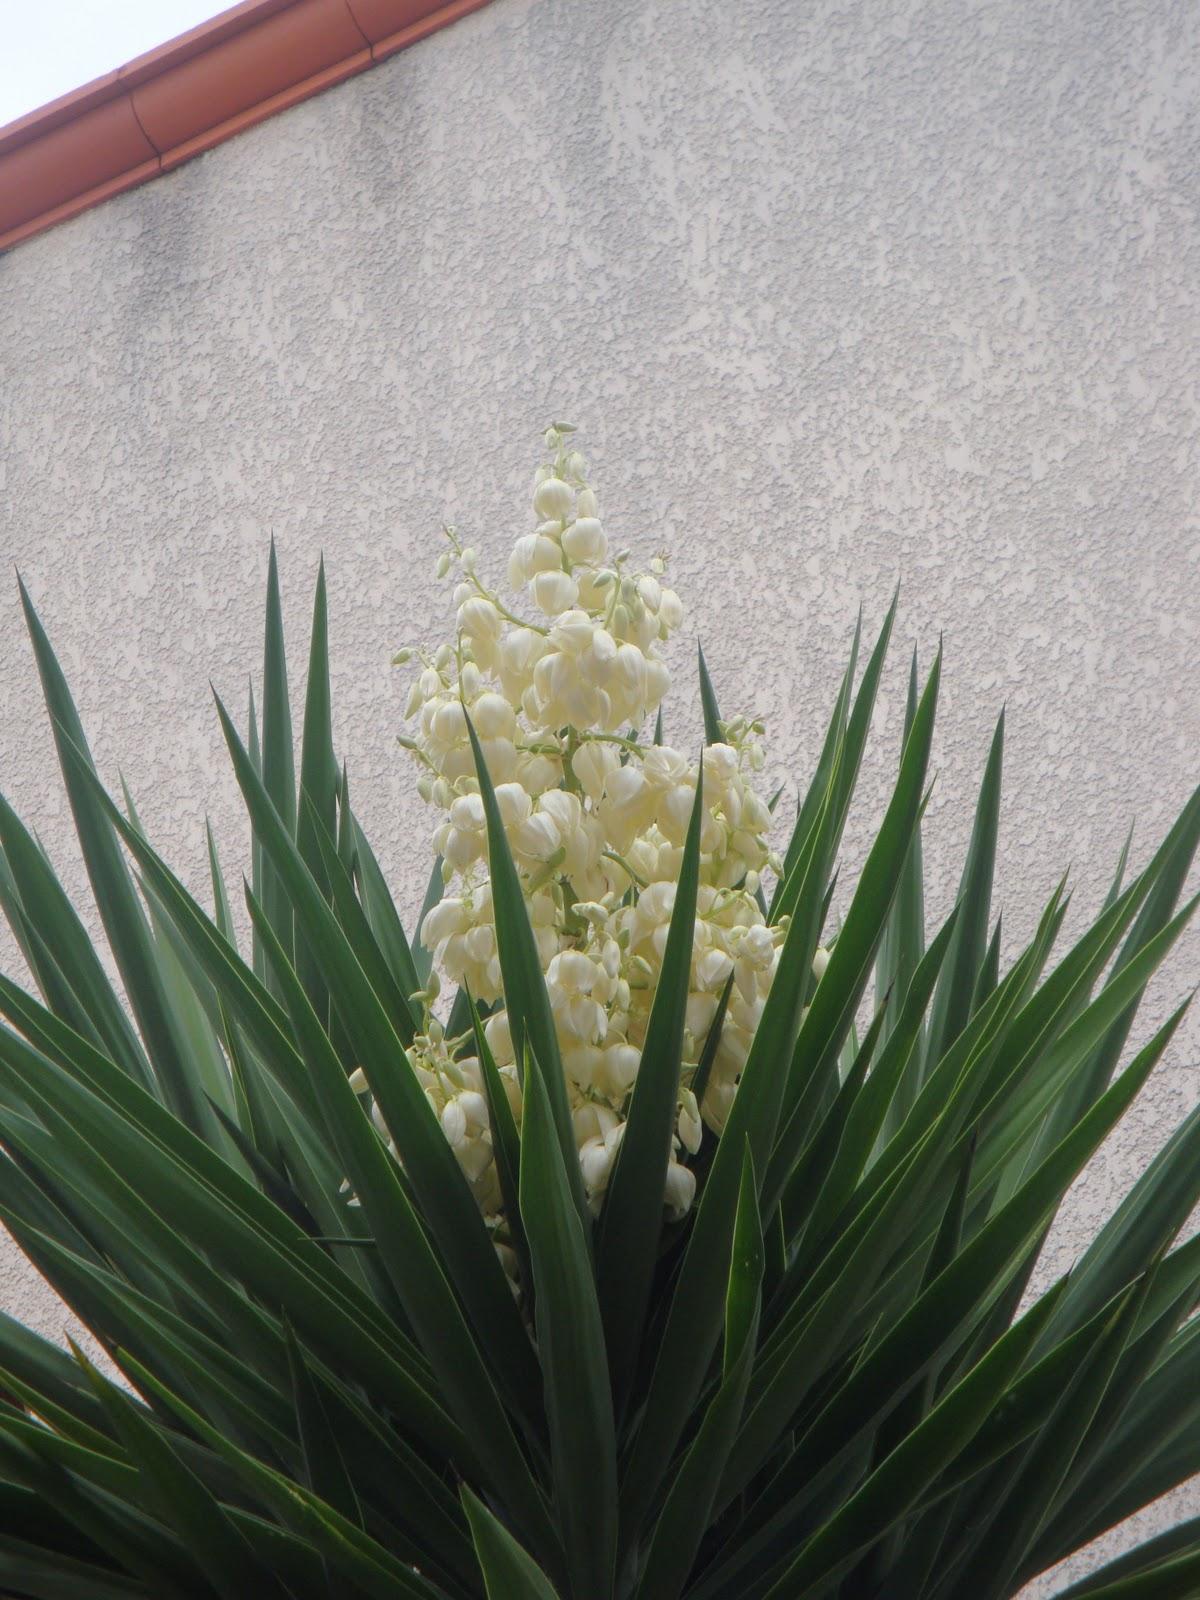 Lo c fossard yuka for Plante yuka ikea